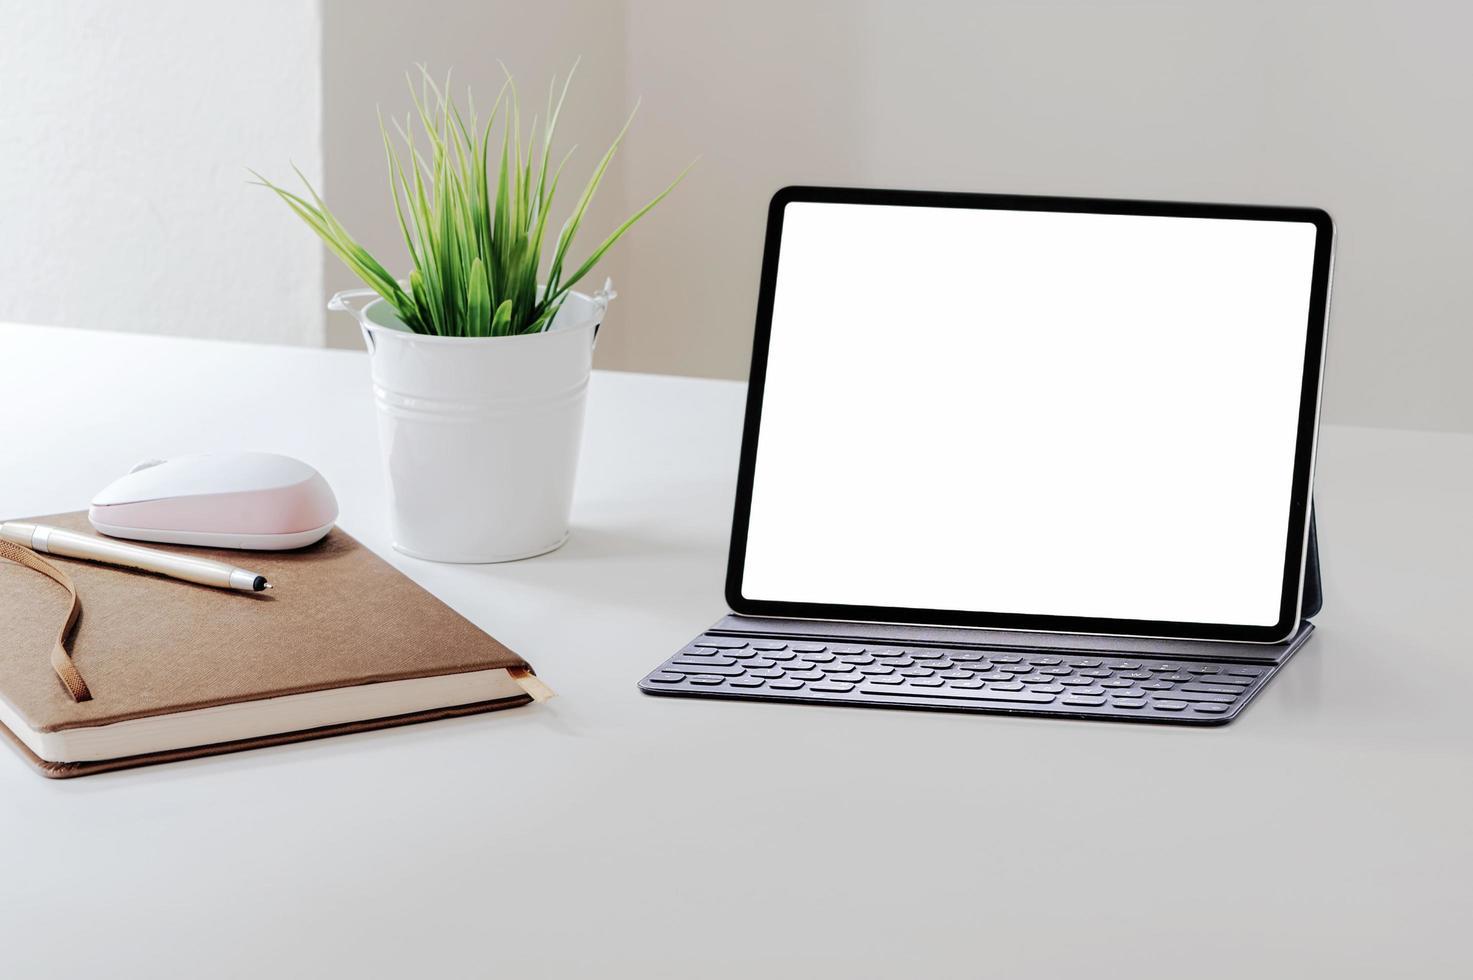 Tablette mit Tastaturmodell auf weißem Tisch foto